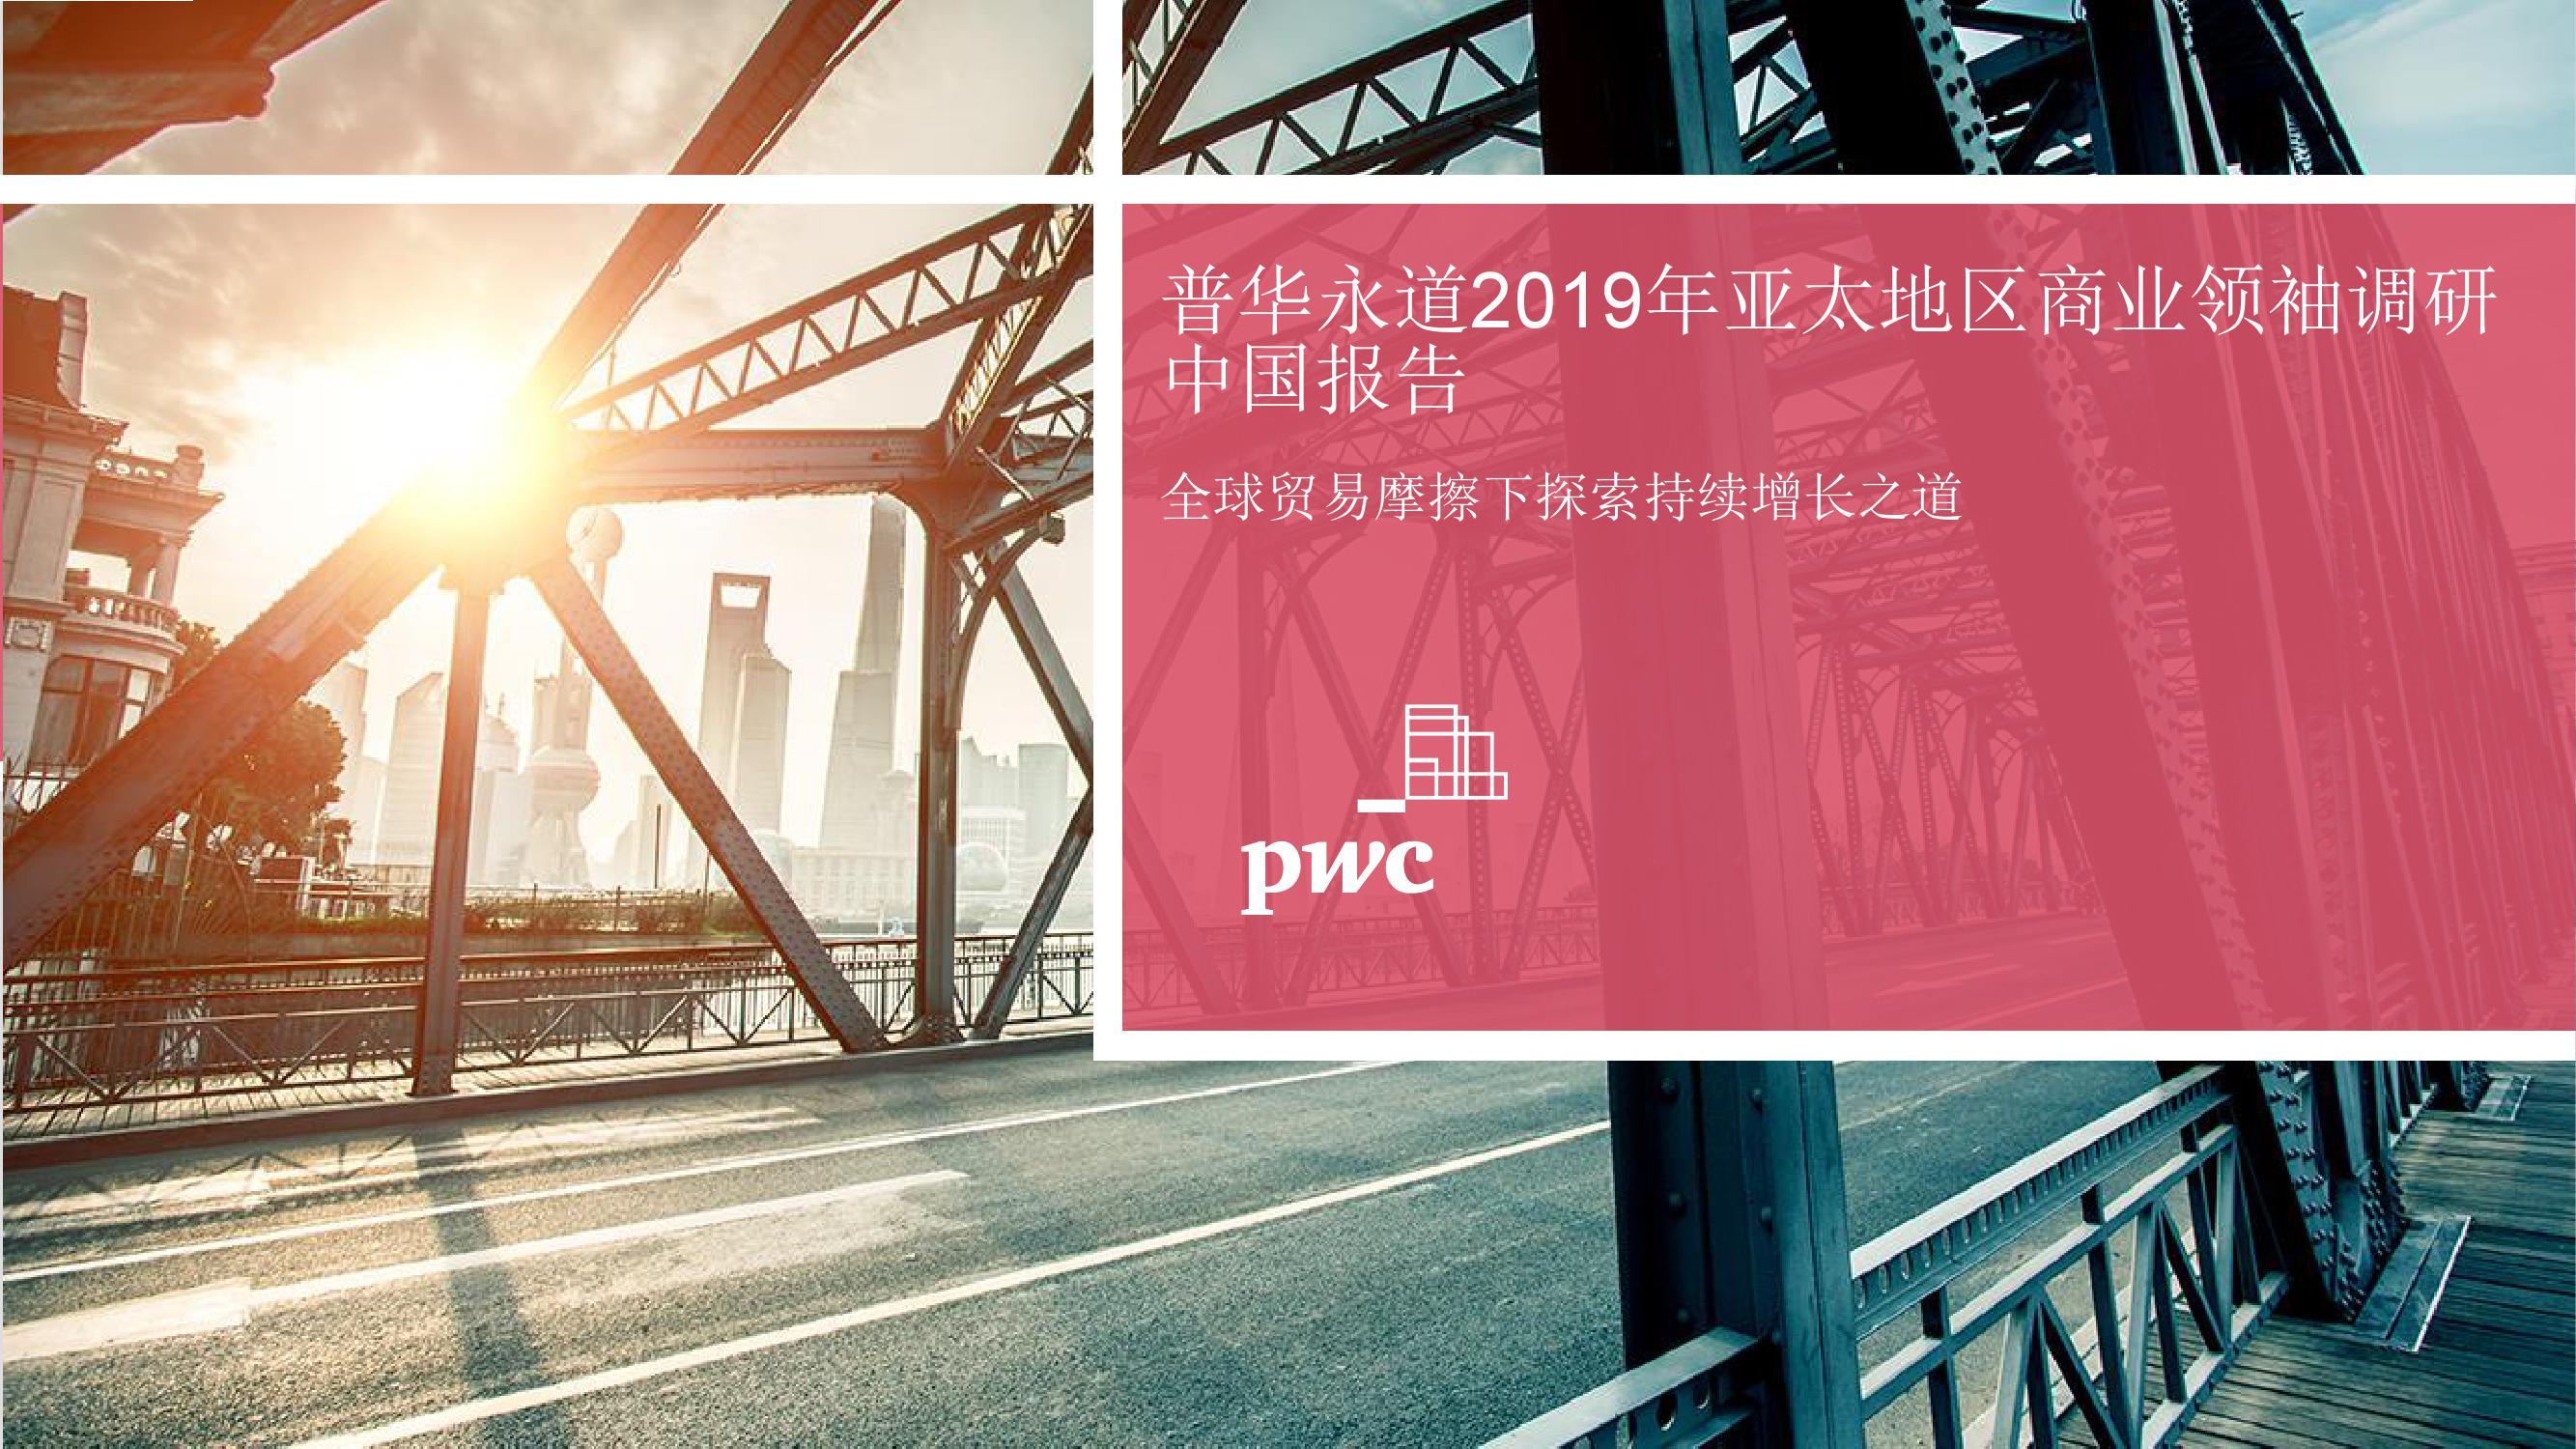 普华永道:2019年亚太地区商业领袖调研 — 中国报告(附下载)